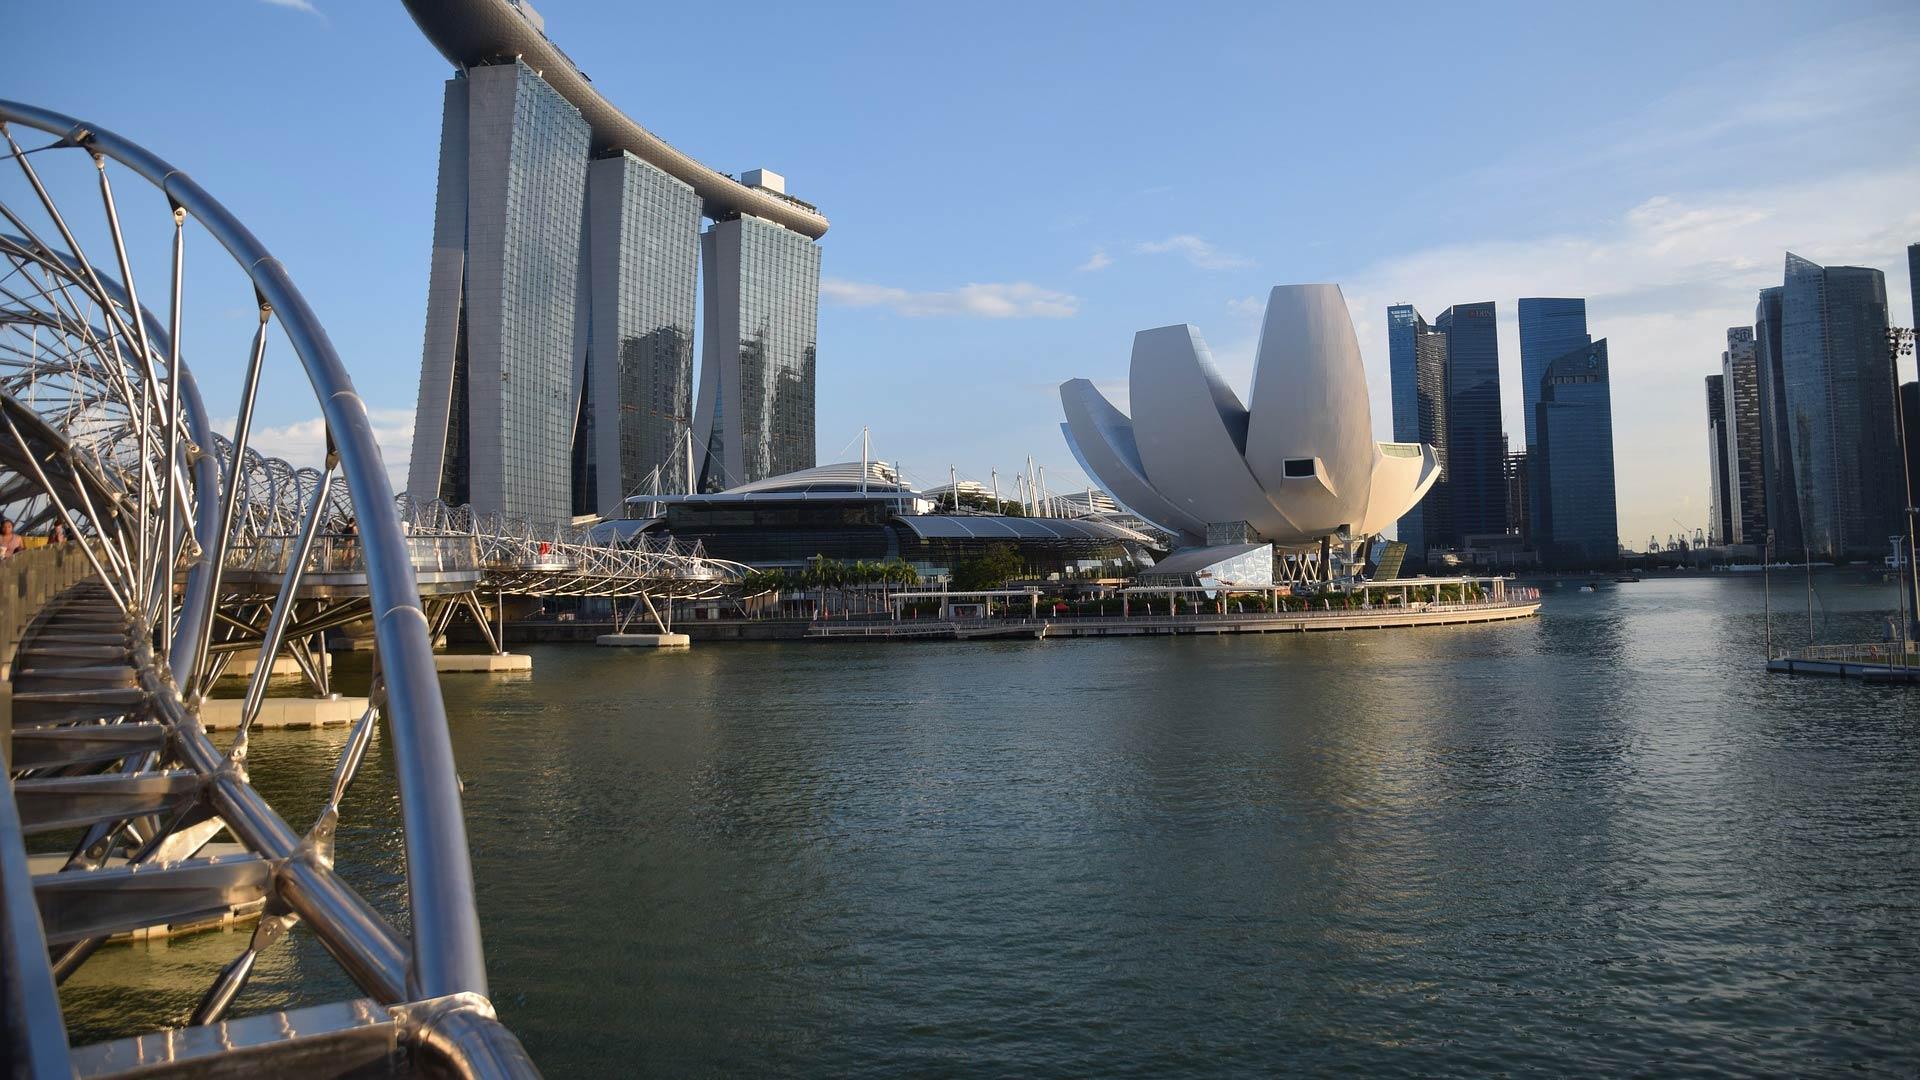 Singapur Sehenswürdigkeiten Top 10